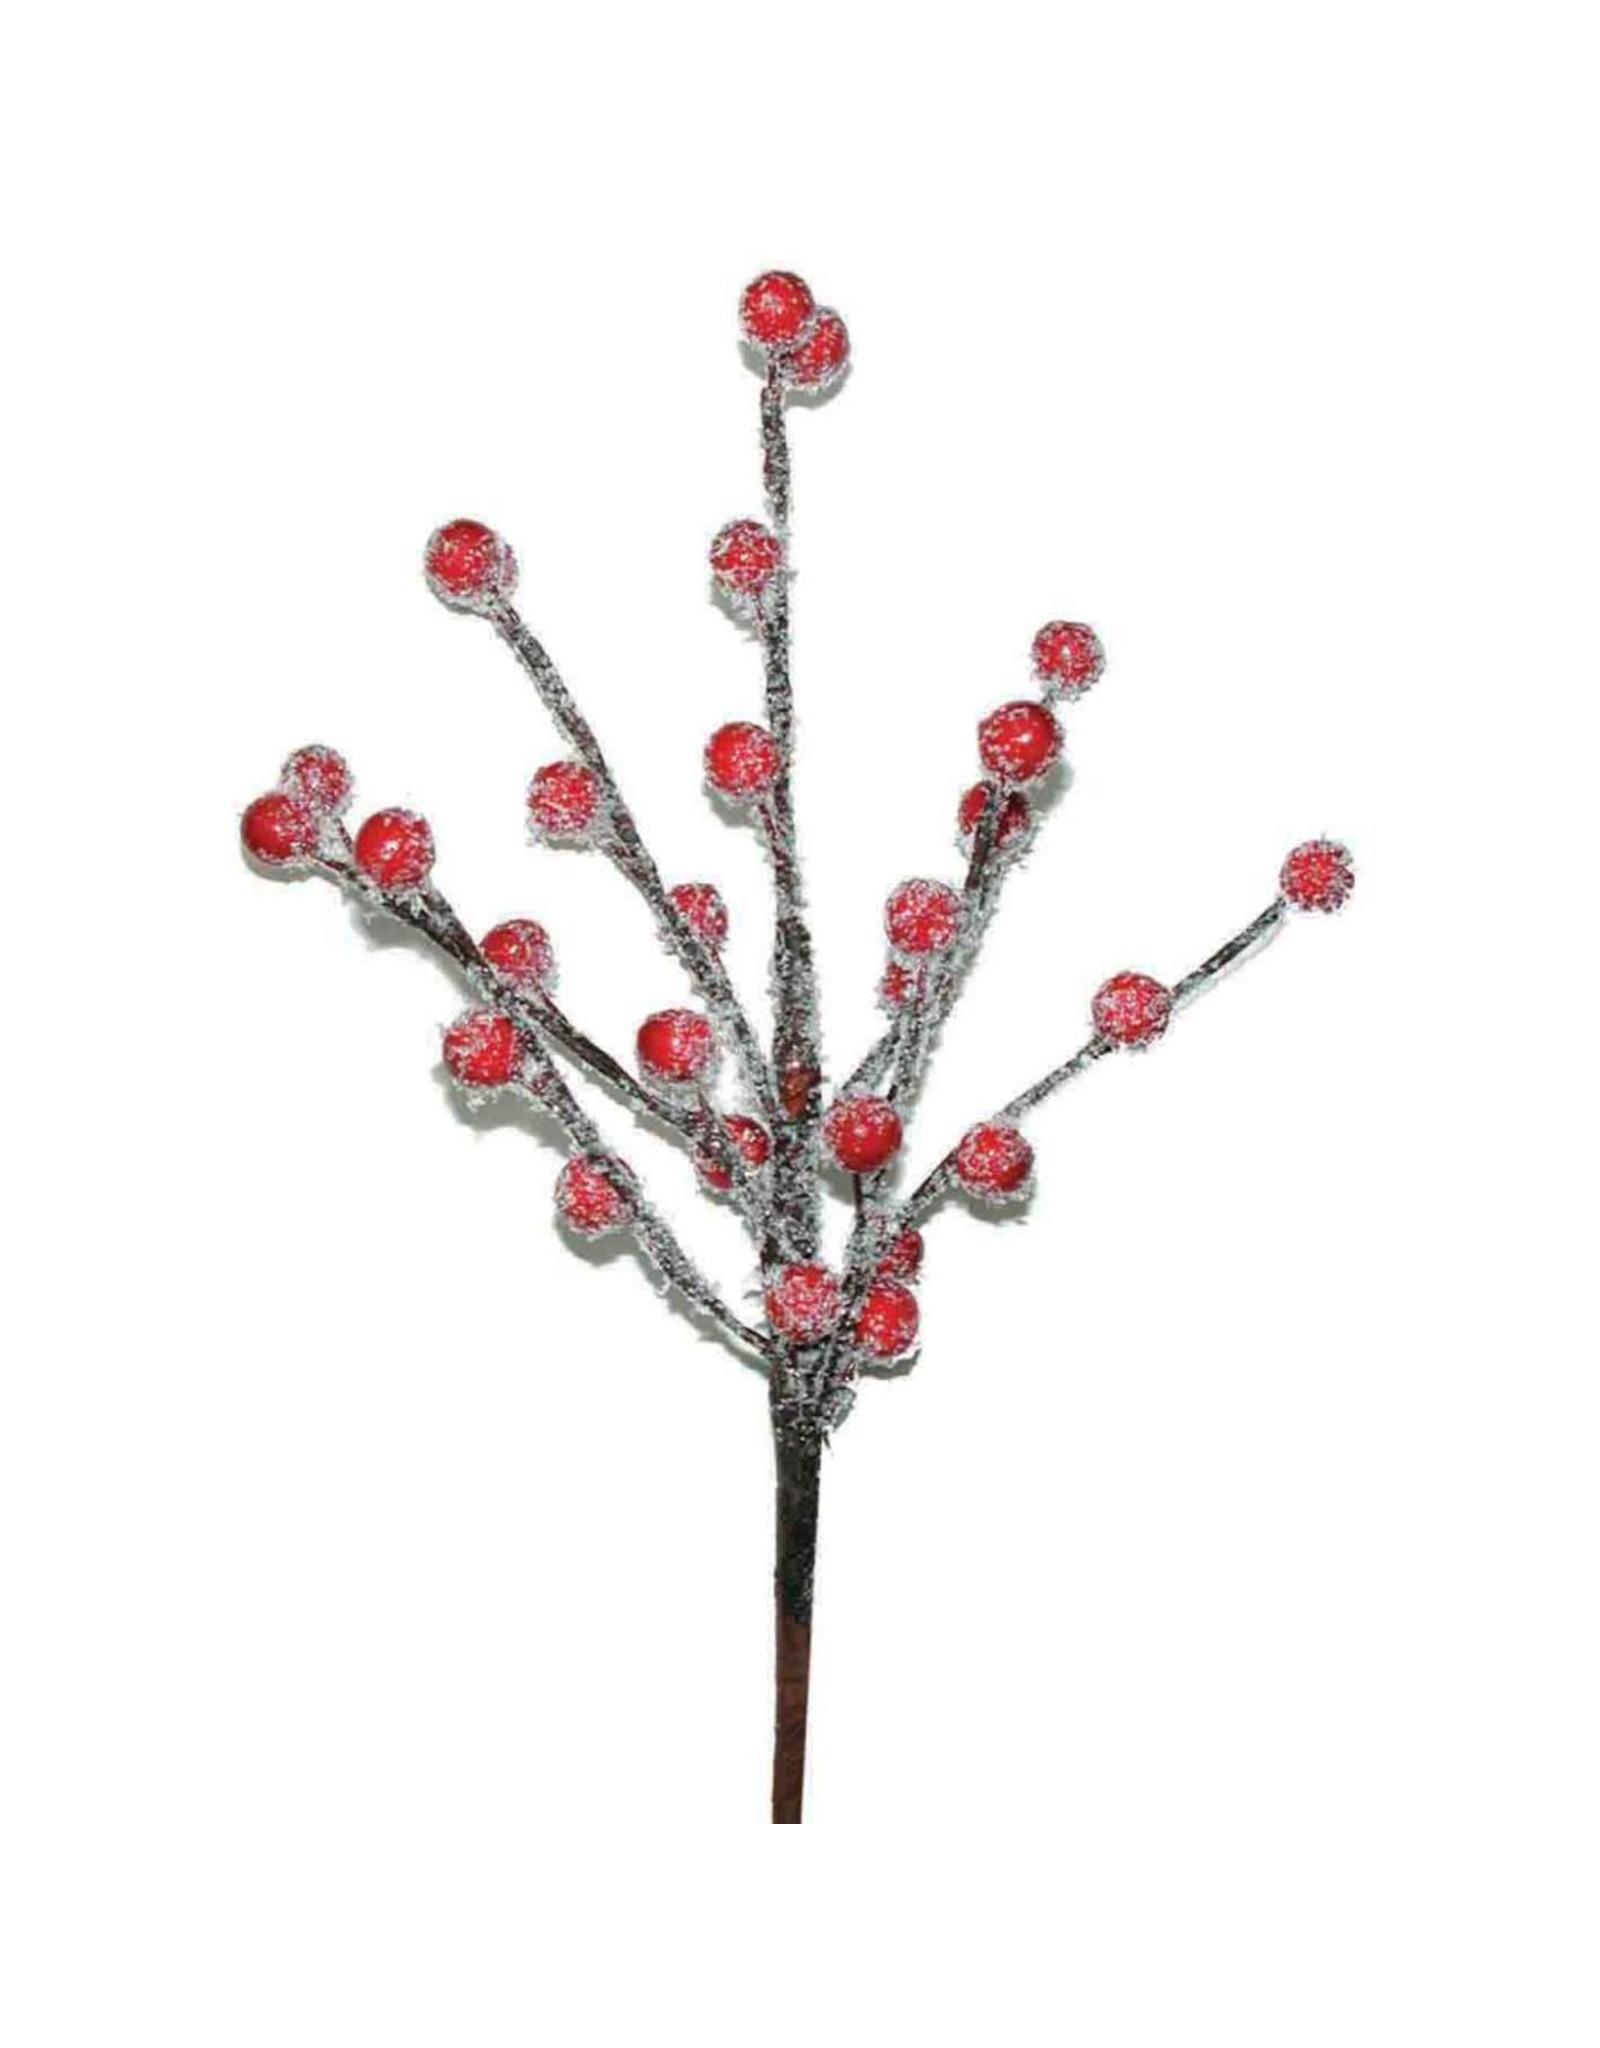 LDD Ilex berry o/s 10pc SB red + snow x 5